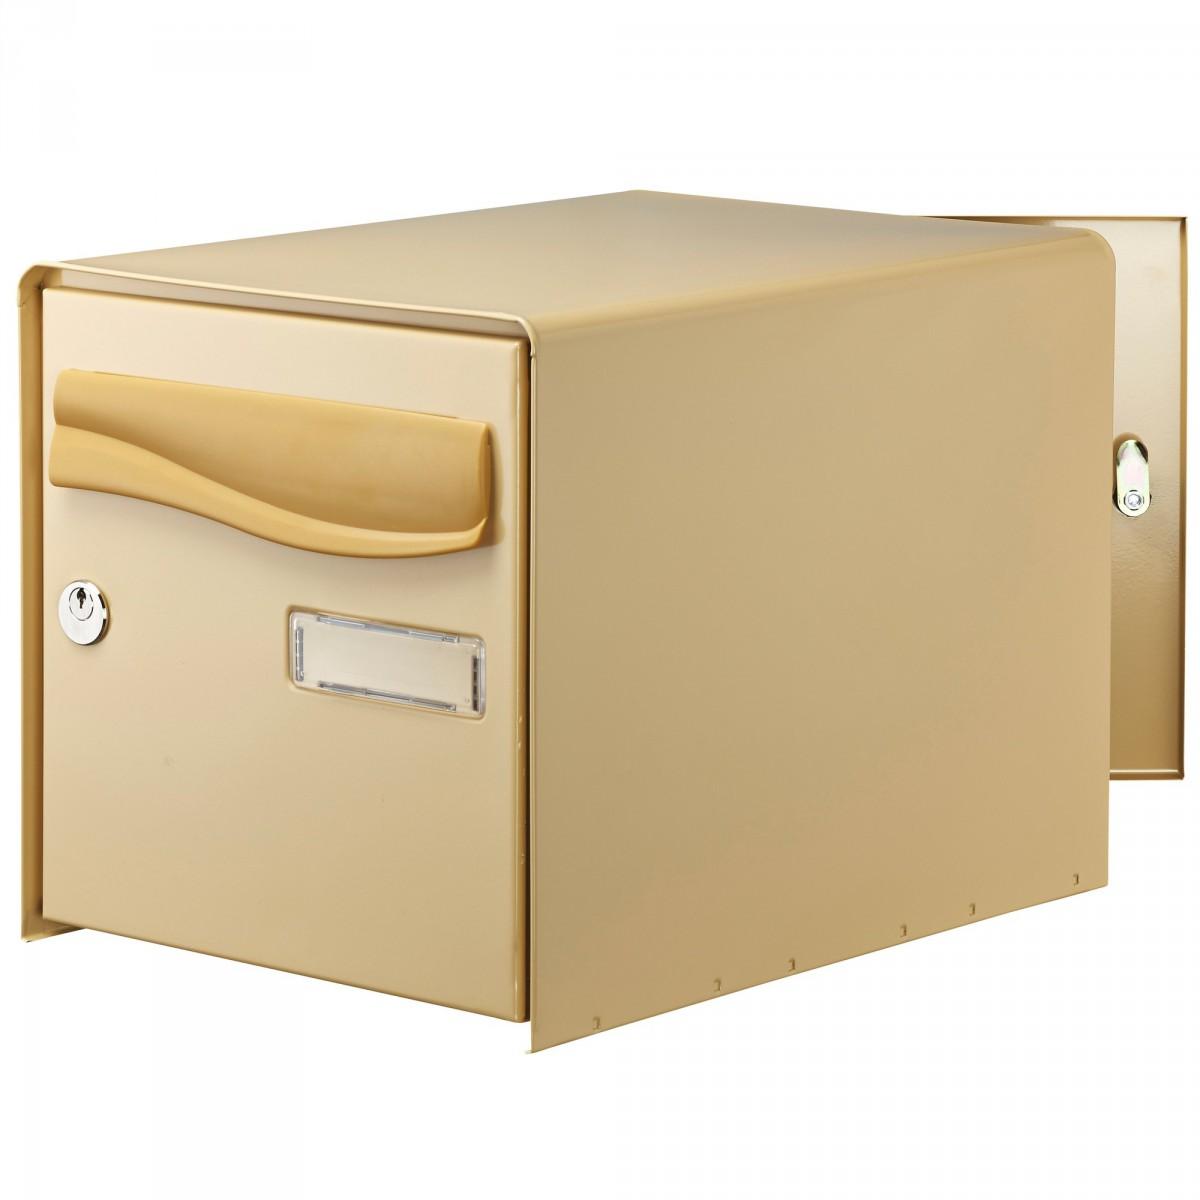 Boîte aux lettres à ouverture totale R-Box Lys Decayeux - Double face - Beige